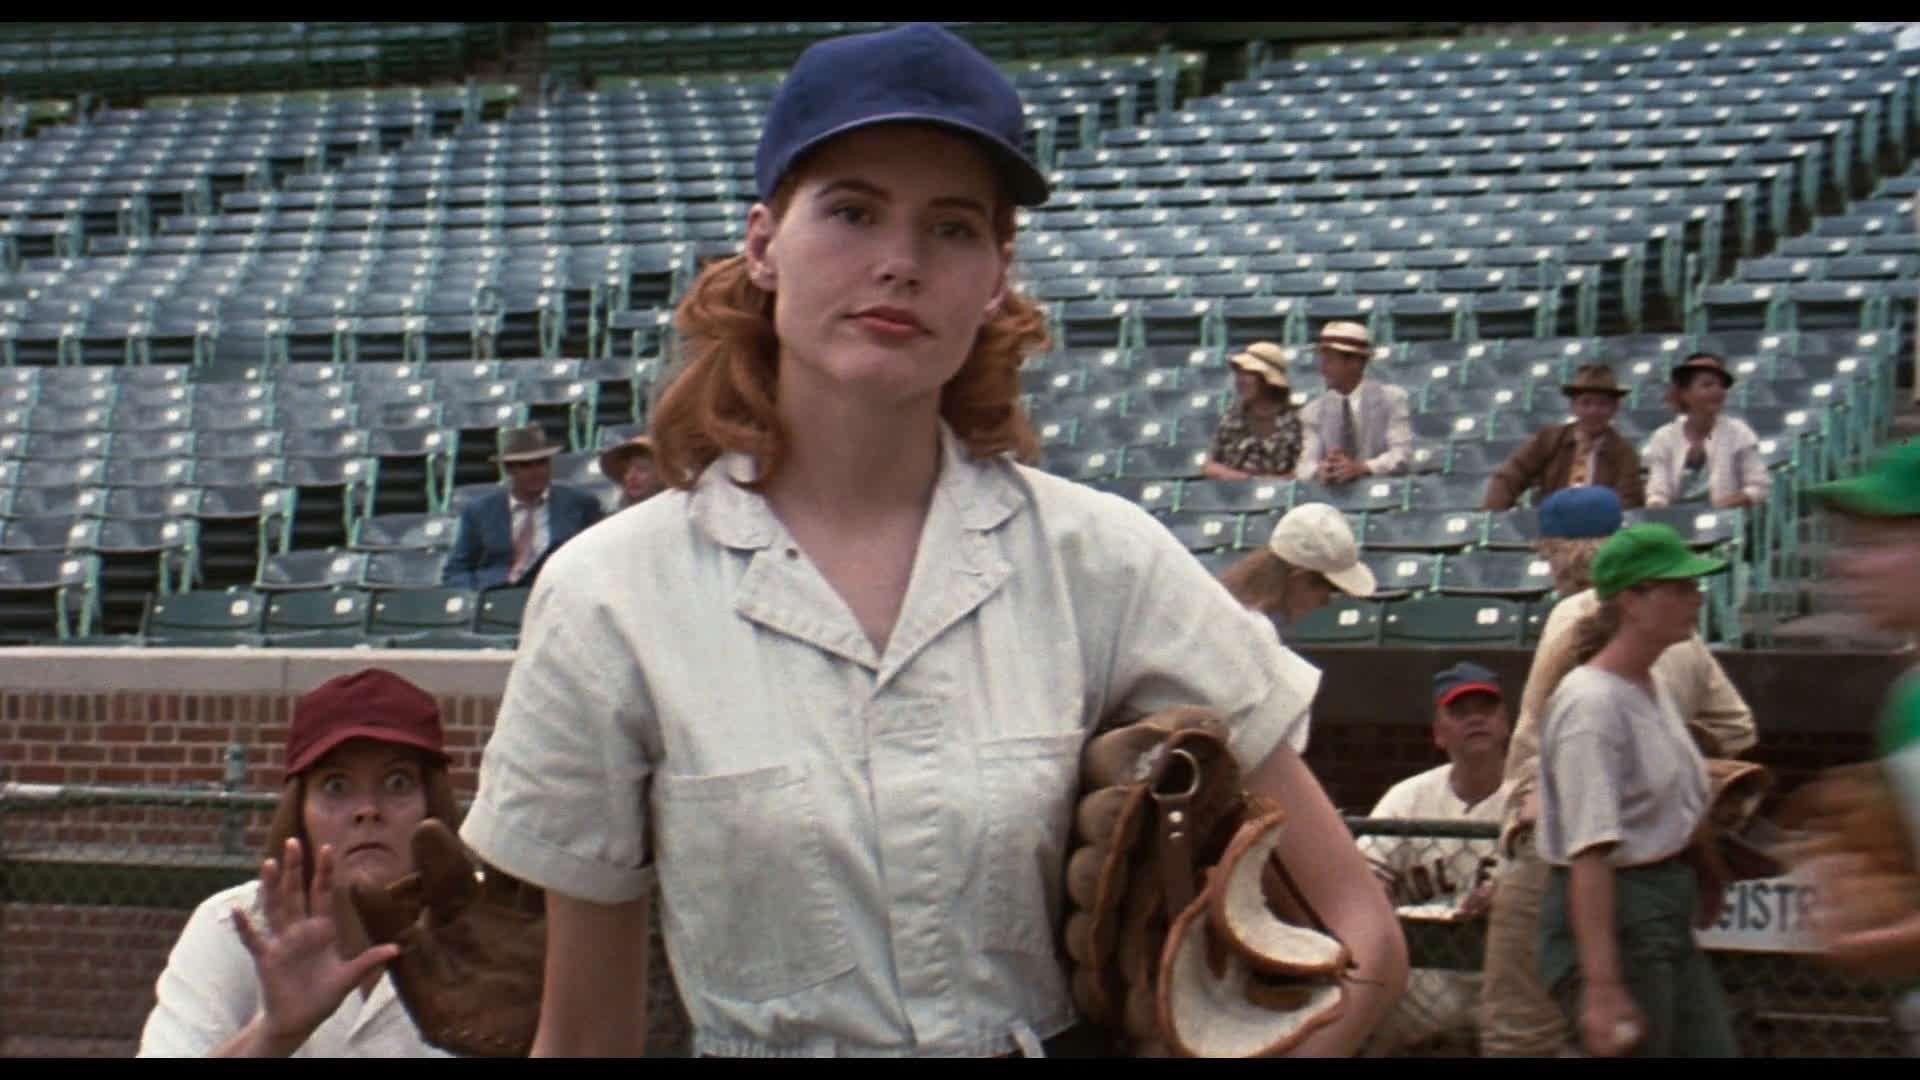 Geena Davis as Dottie Hinson in A League of Their Own (1992)